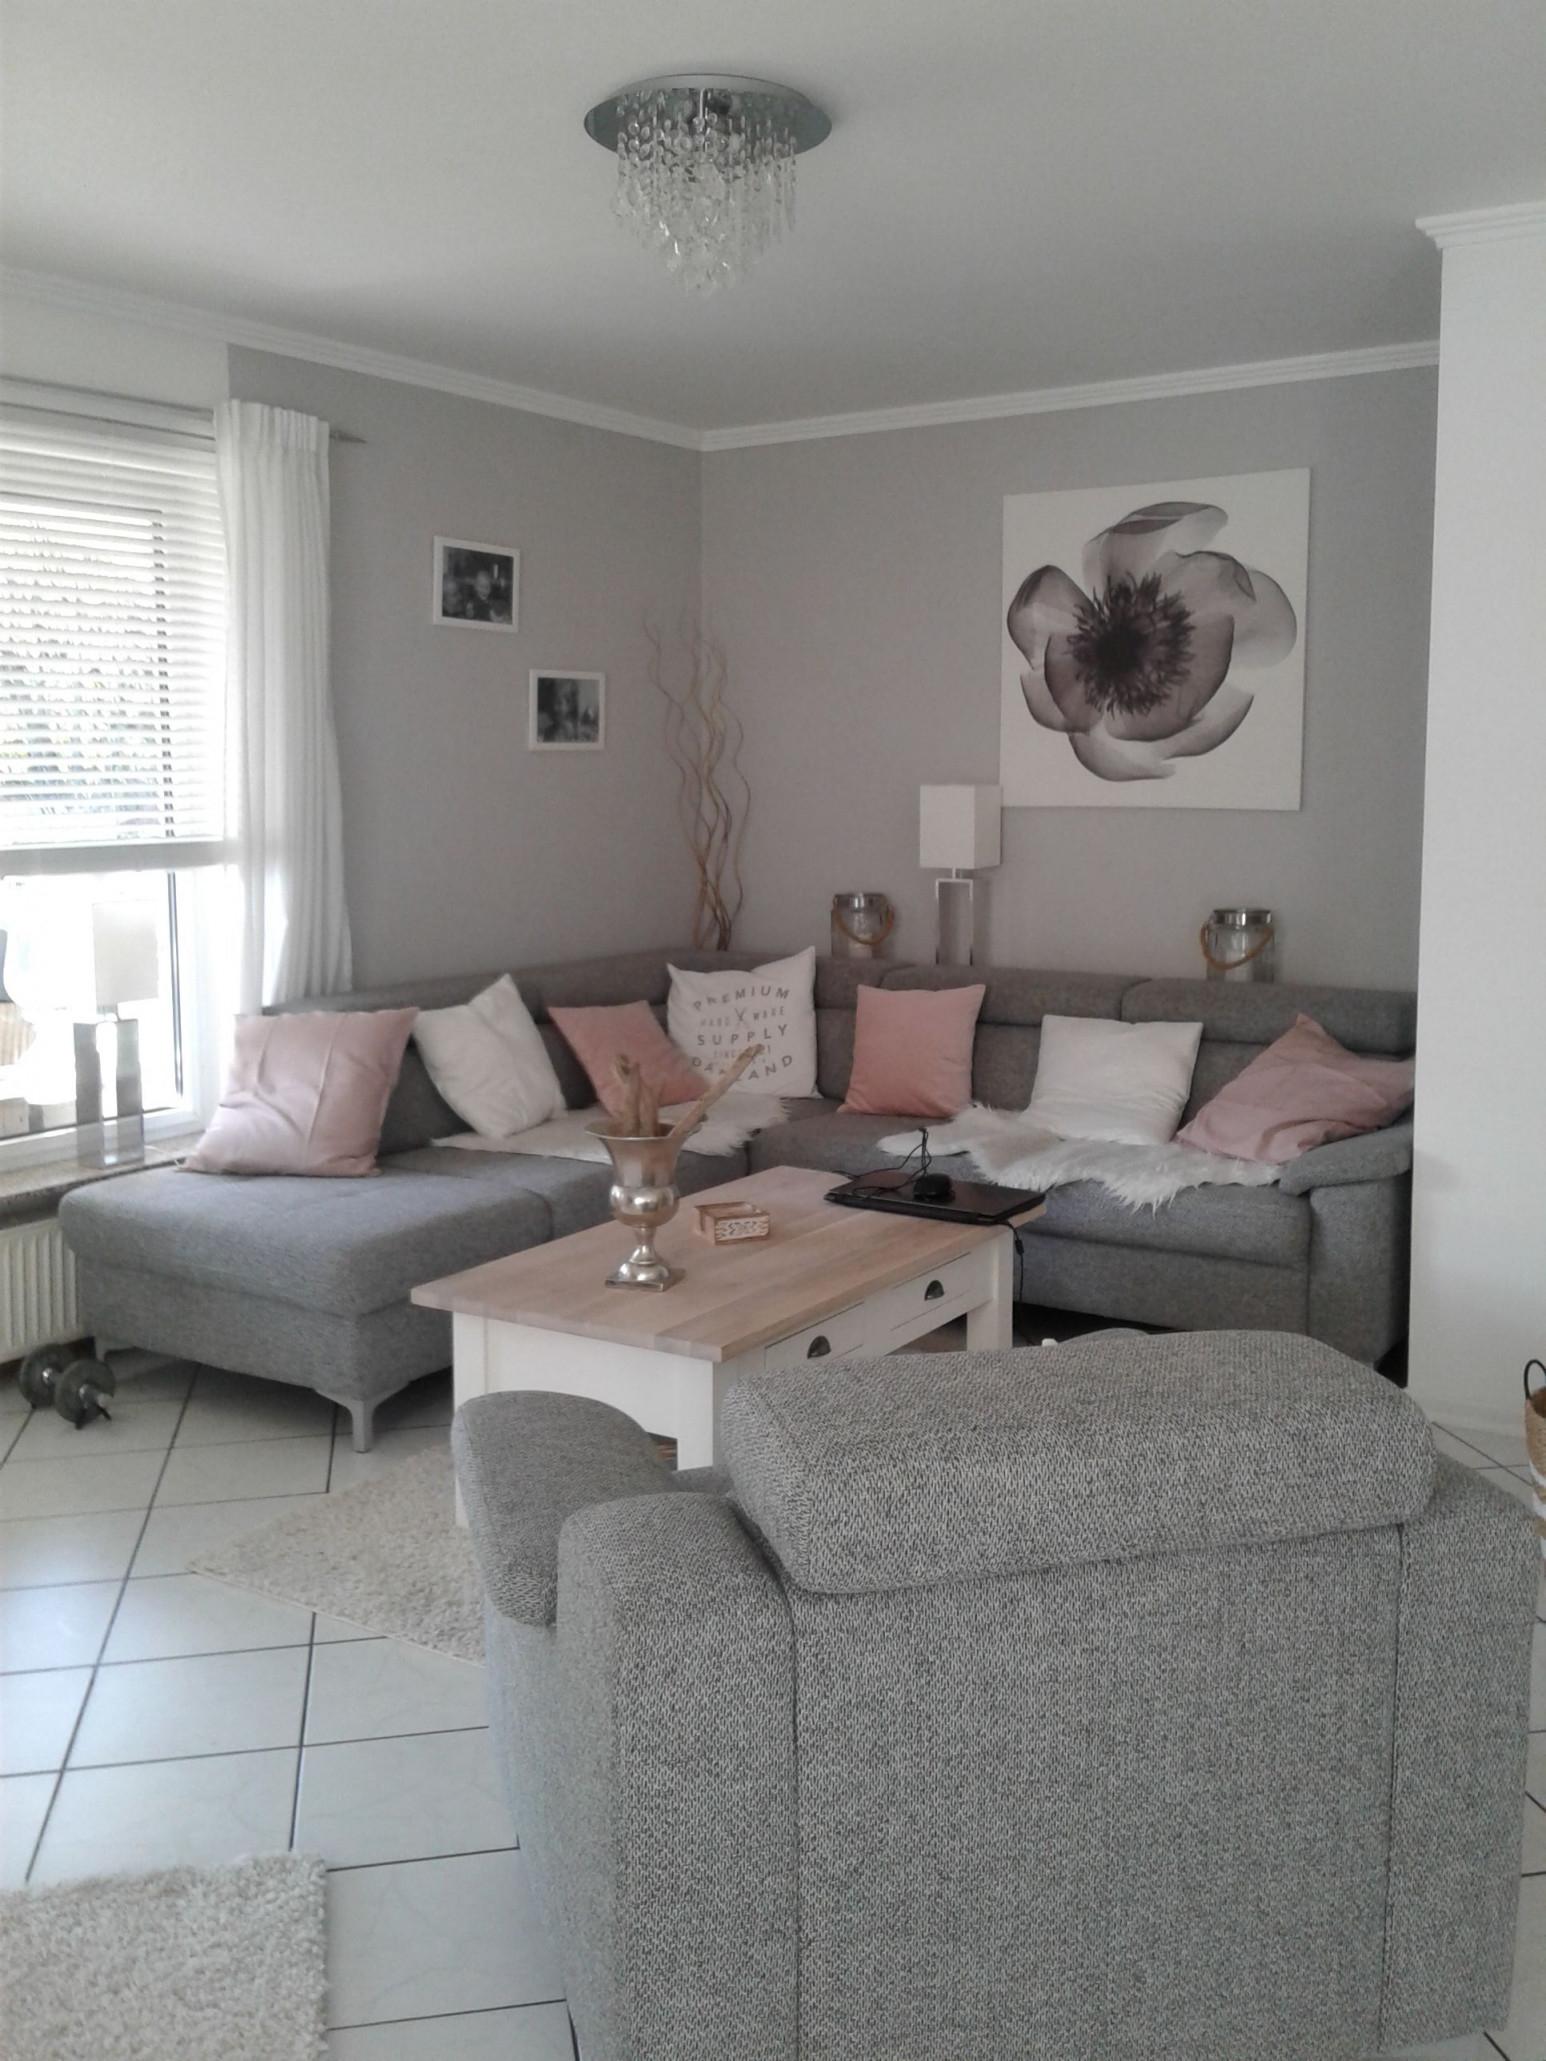 Wohnzimmer In Grau Weiß Und Farbtupfer In Matt Rosa von Wohnzimmer Einrichten Grau Bild